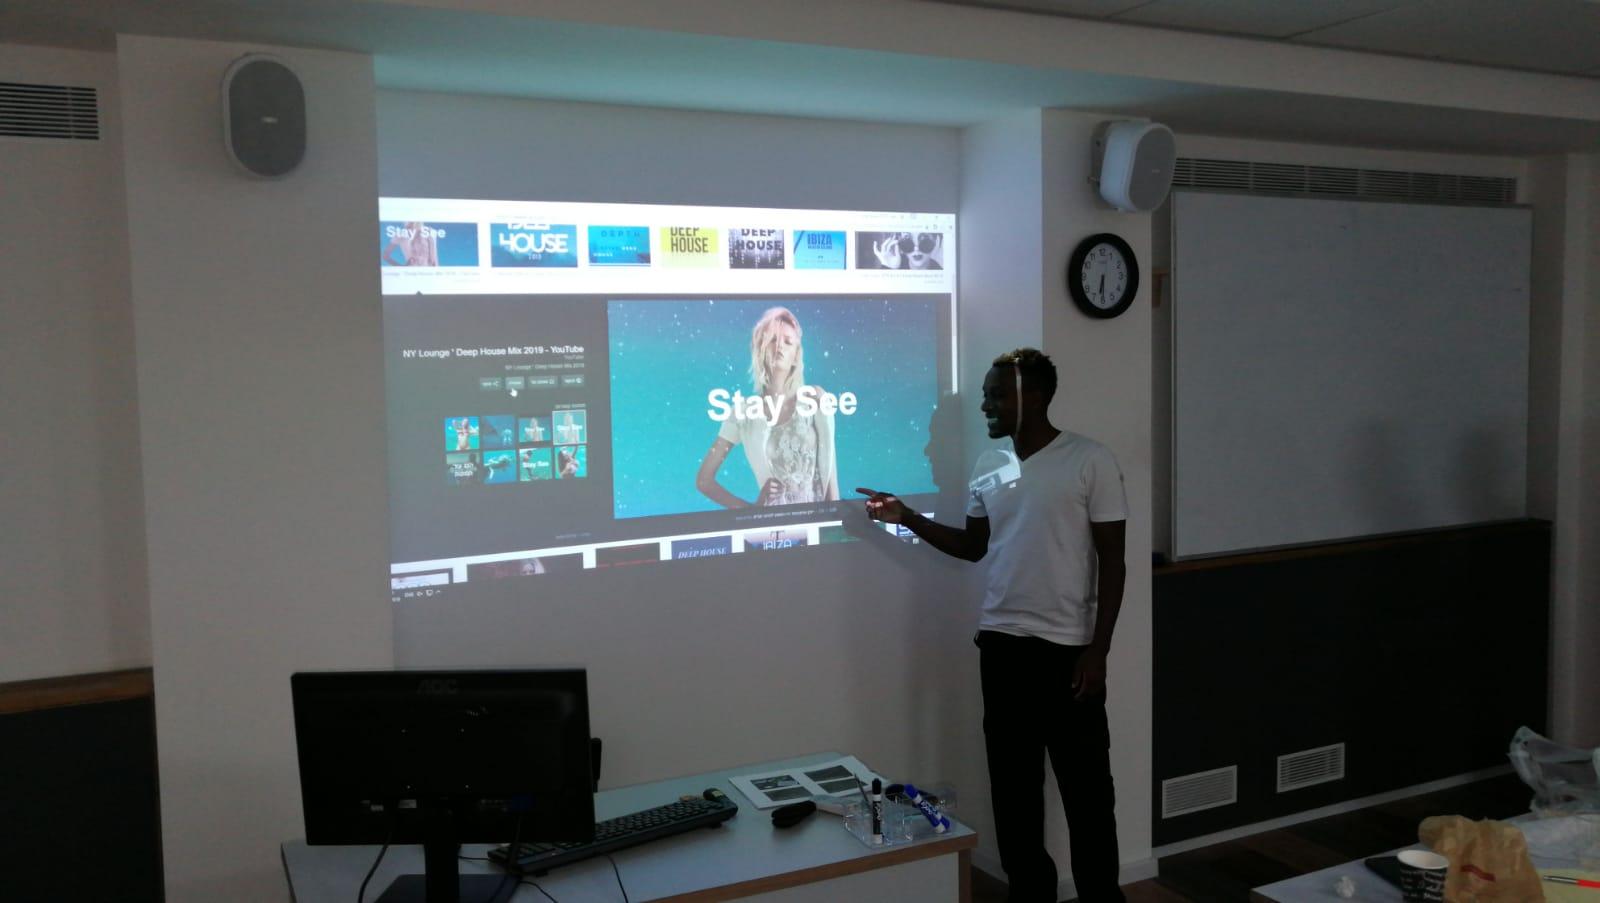 גלרייה -  סיום קורס ניהול לוגיסטיקה ומחסן ממוחשב מחזור 33, 10 מתוך 25